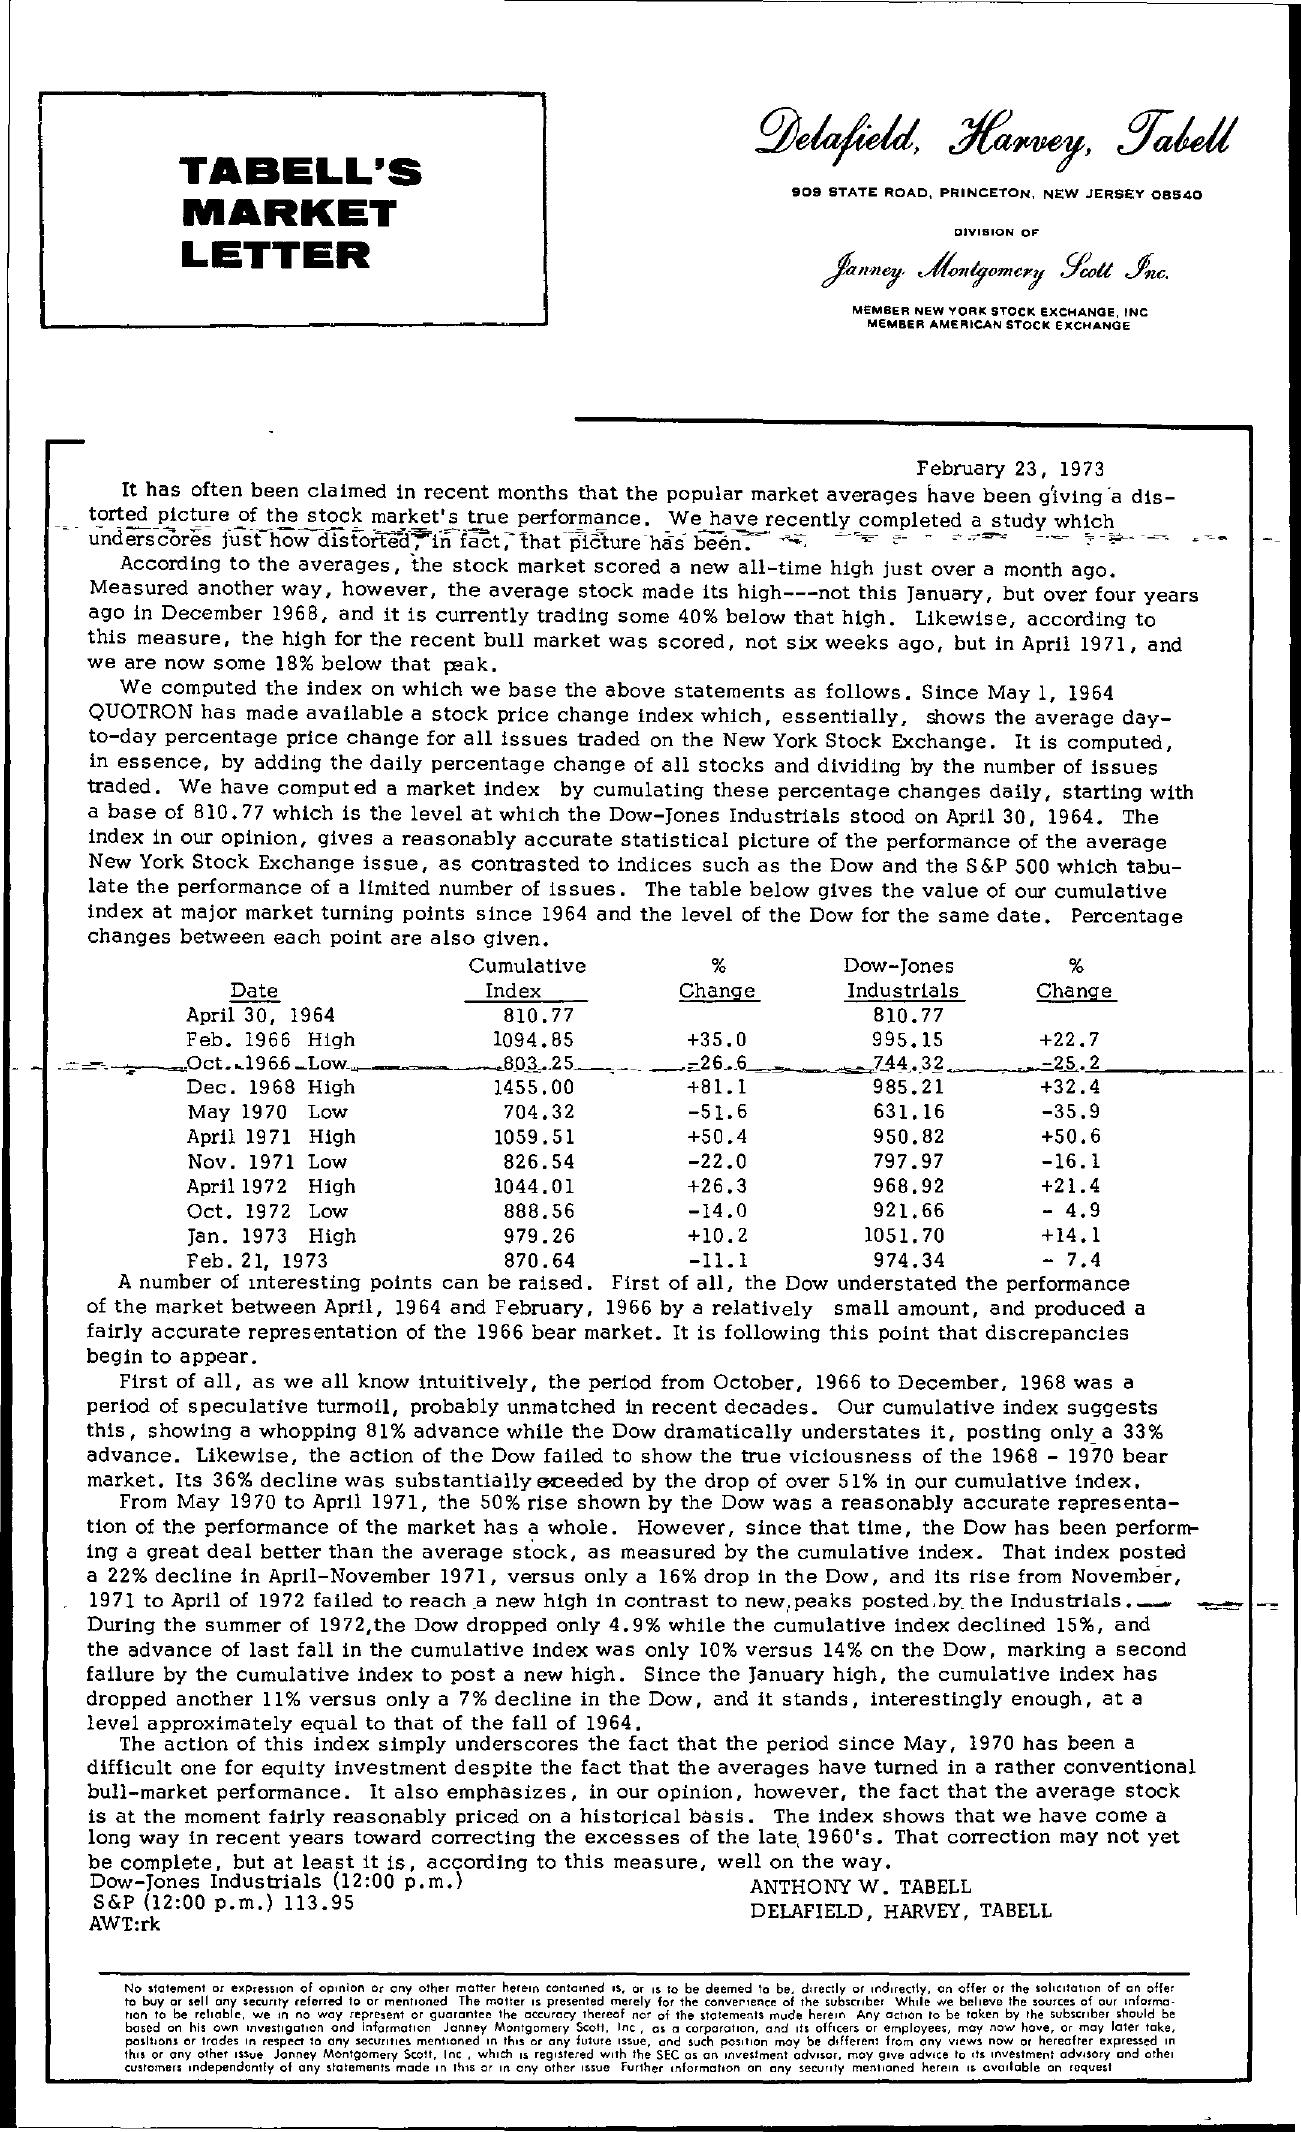 Tabell's Market Letter - February 23, 1973